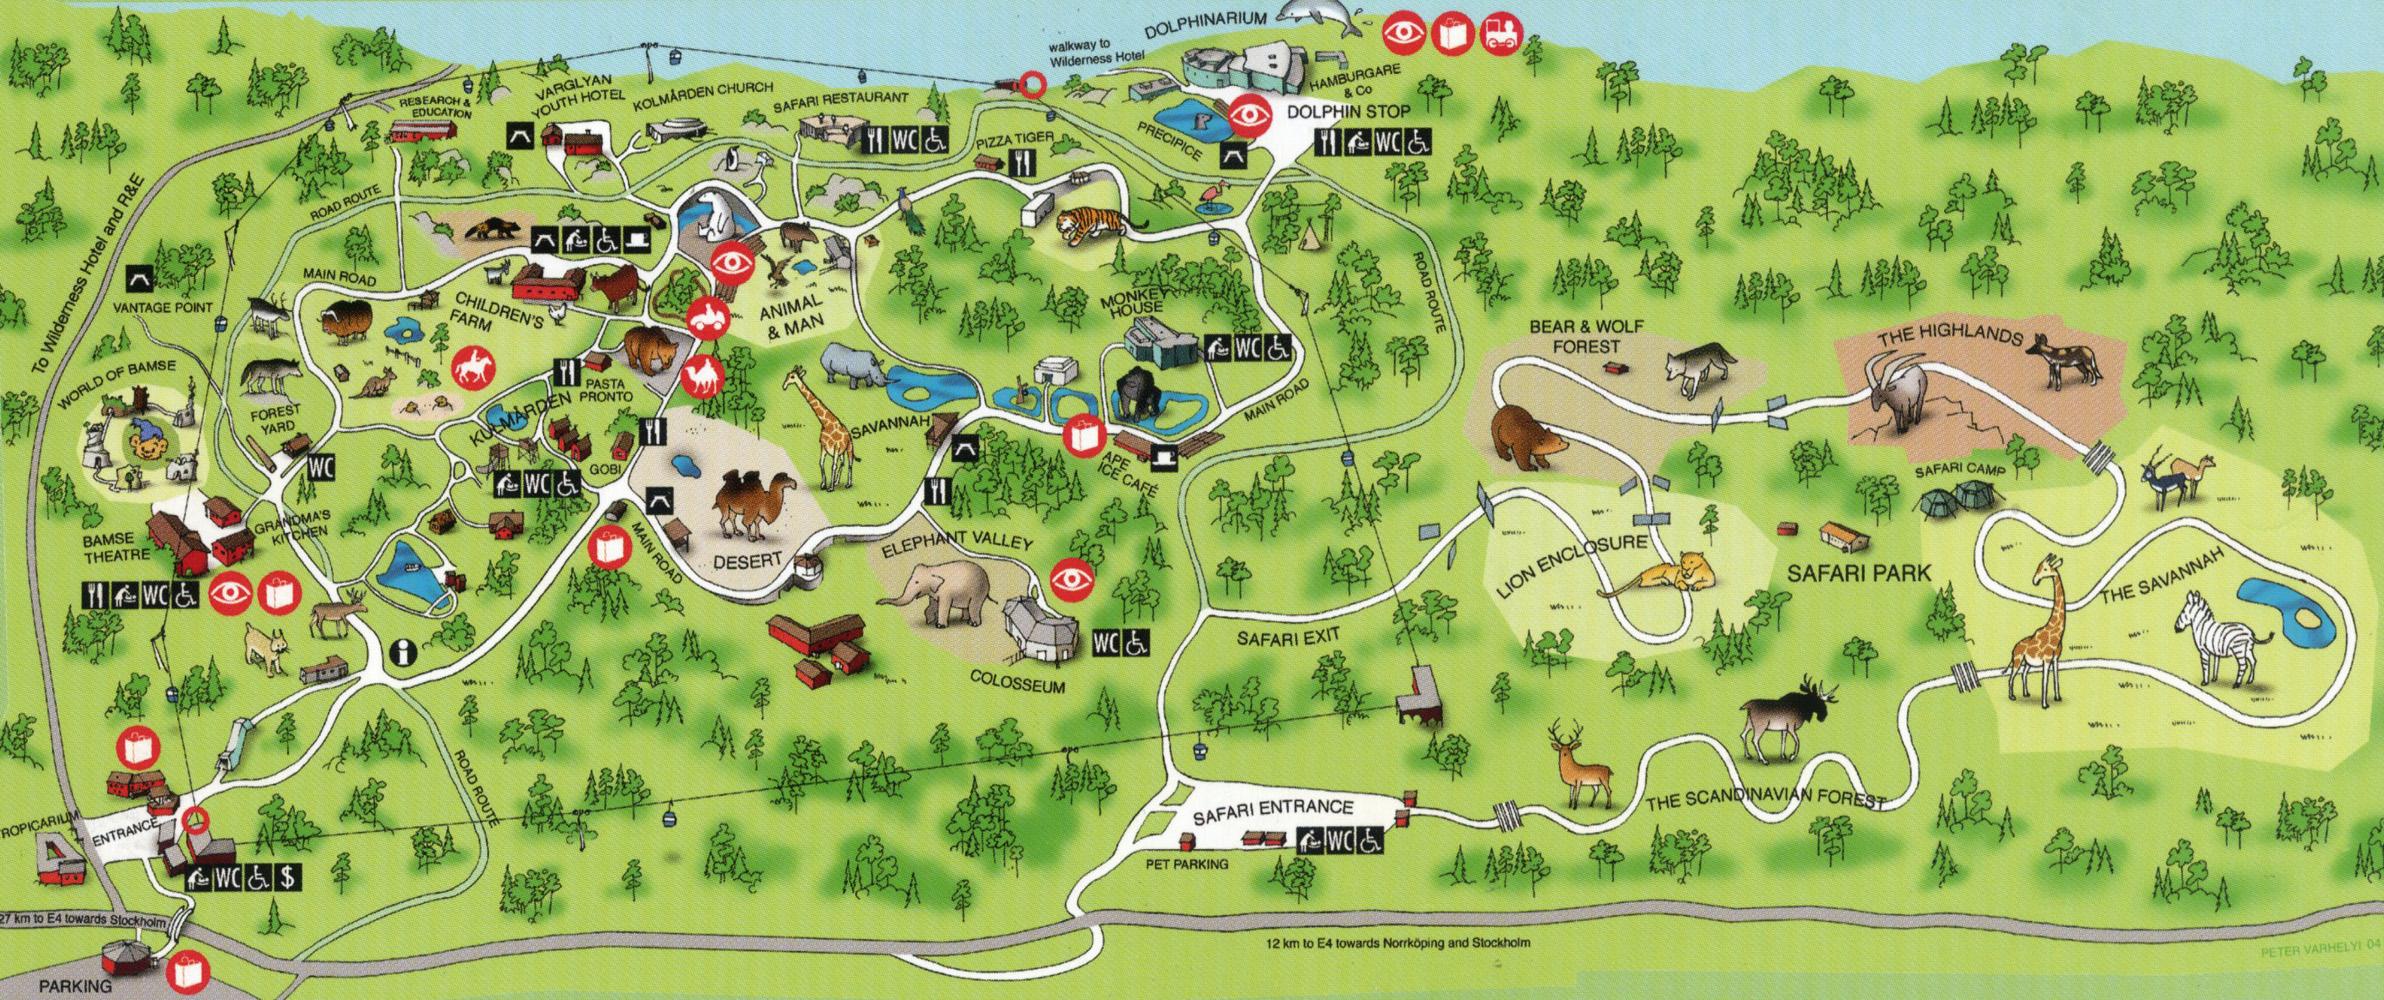 kolmården karta vildmarkshotellet kolmården karta kolmården karta